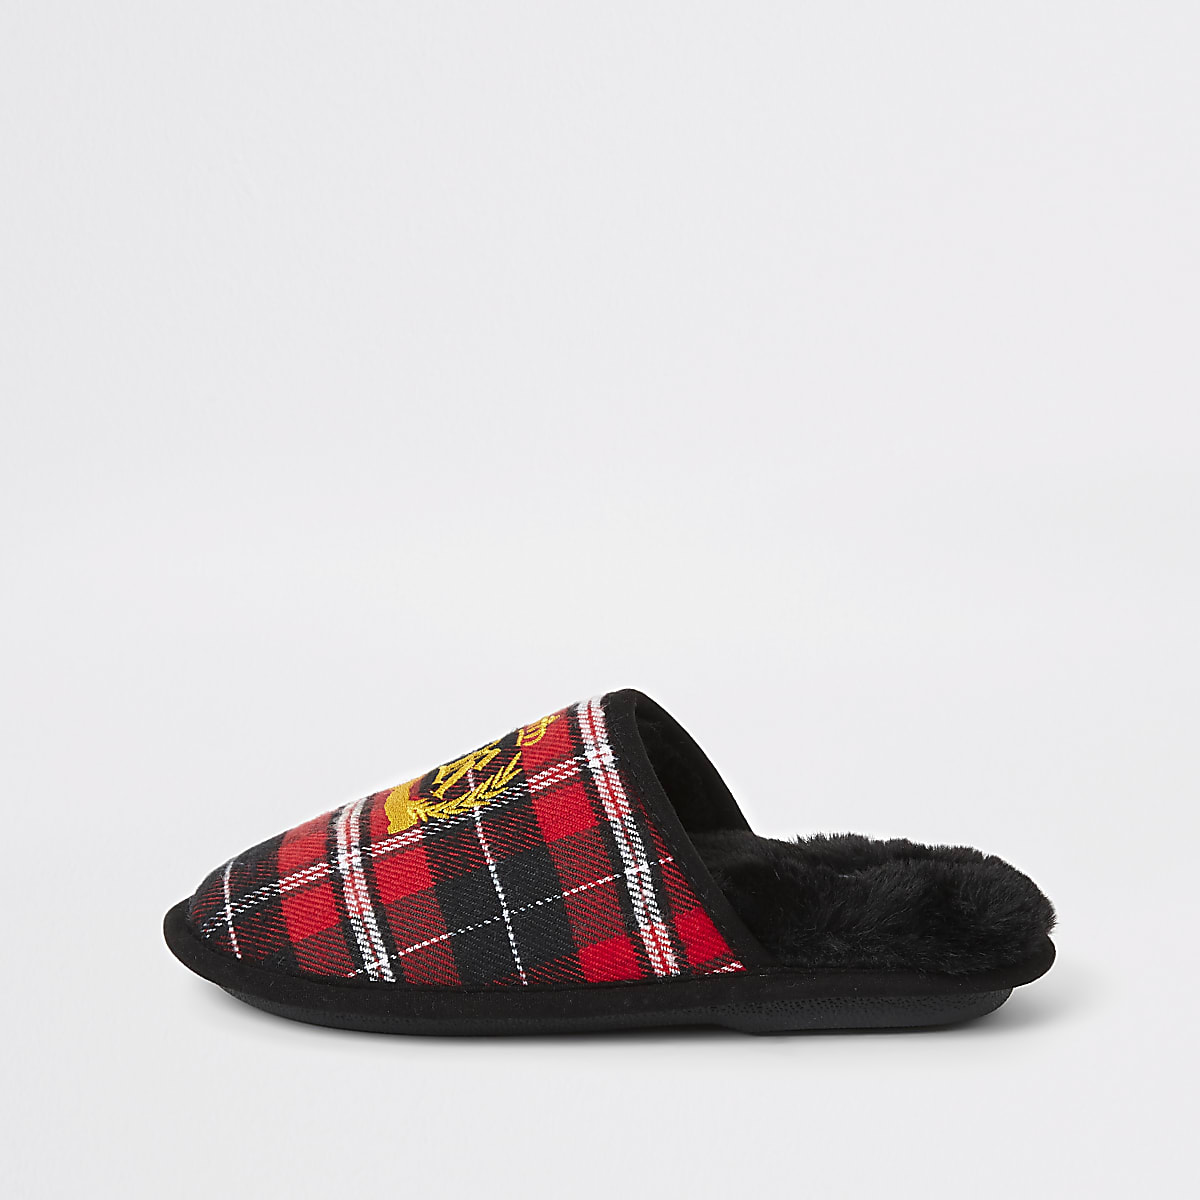 Rode geruite muil pantoffels met RI-crest voor jongens